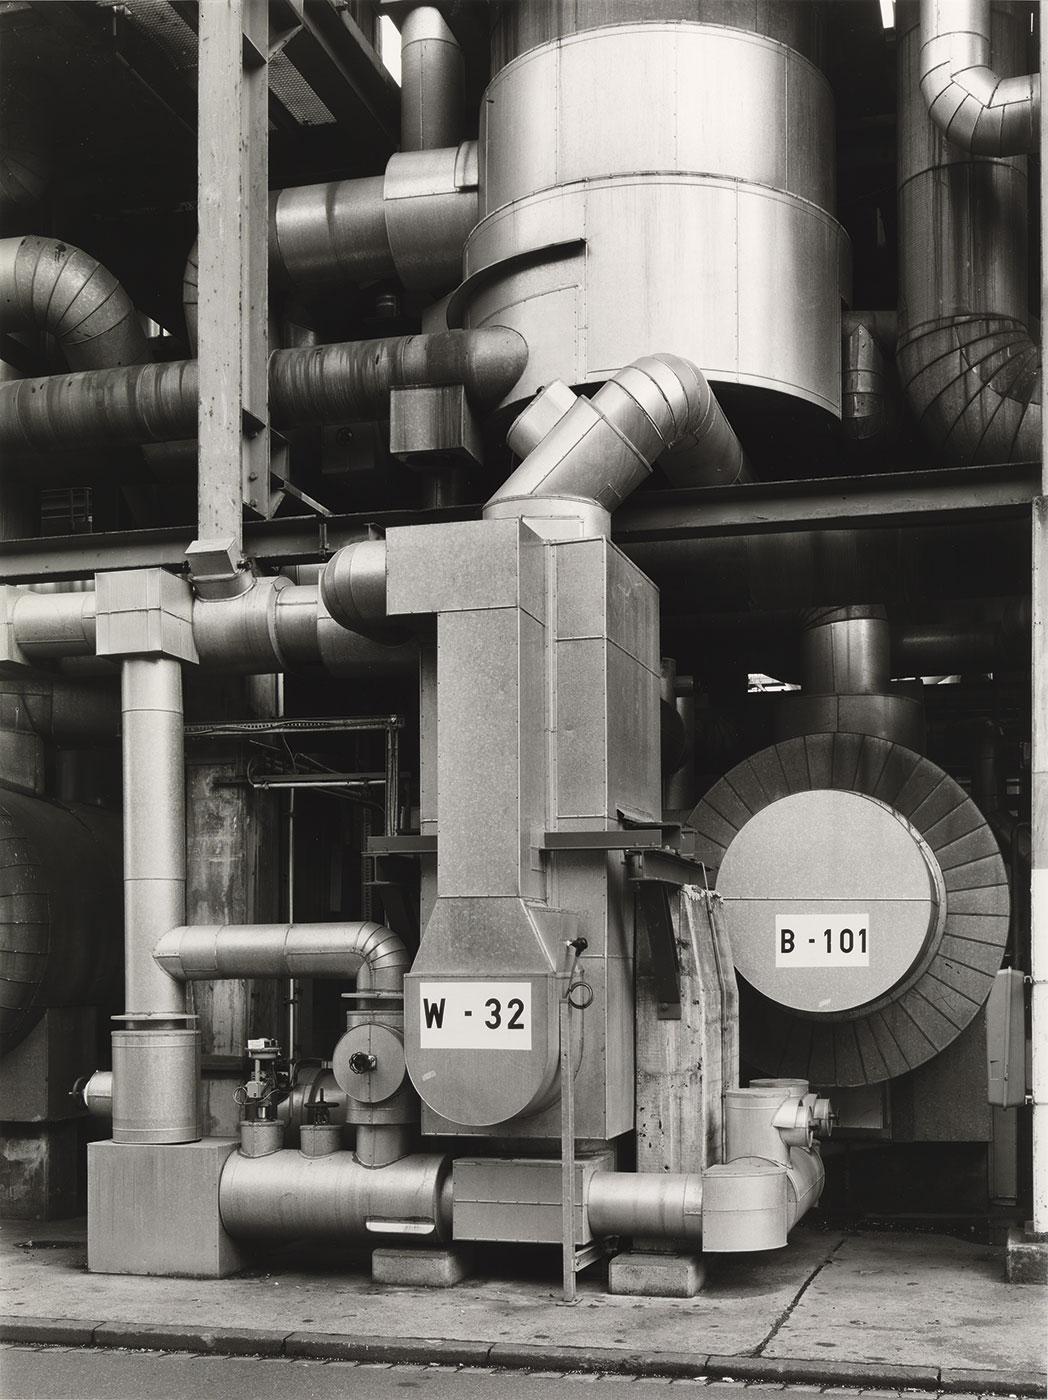 Bernd y Hilla Becher - Chemische Fabrik Wesseling bei Köln, 1992.